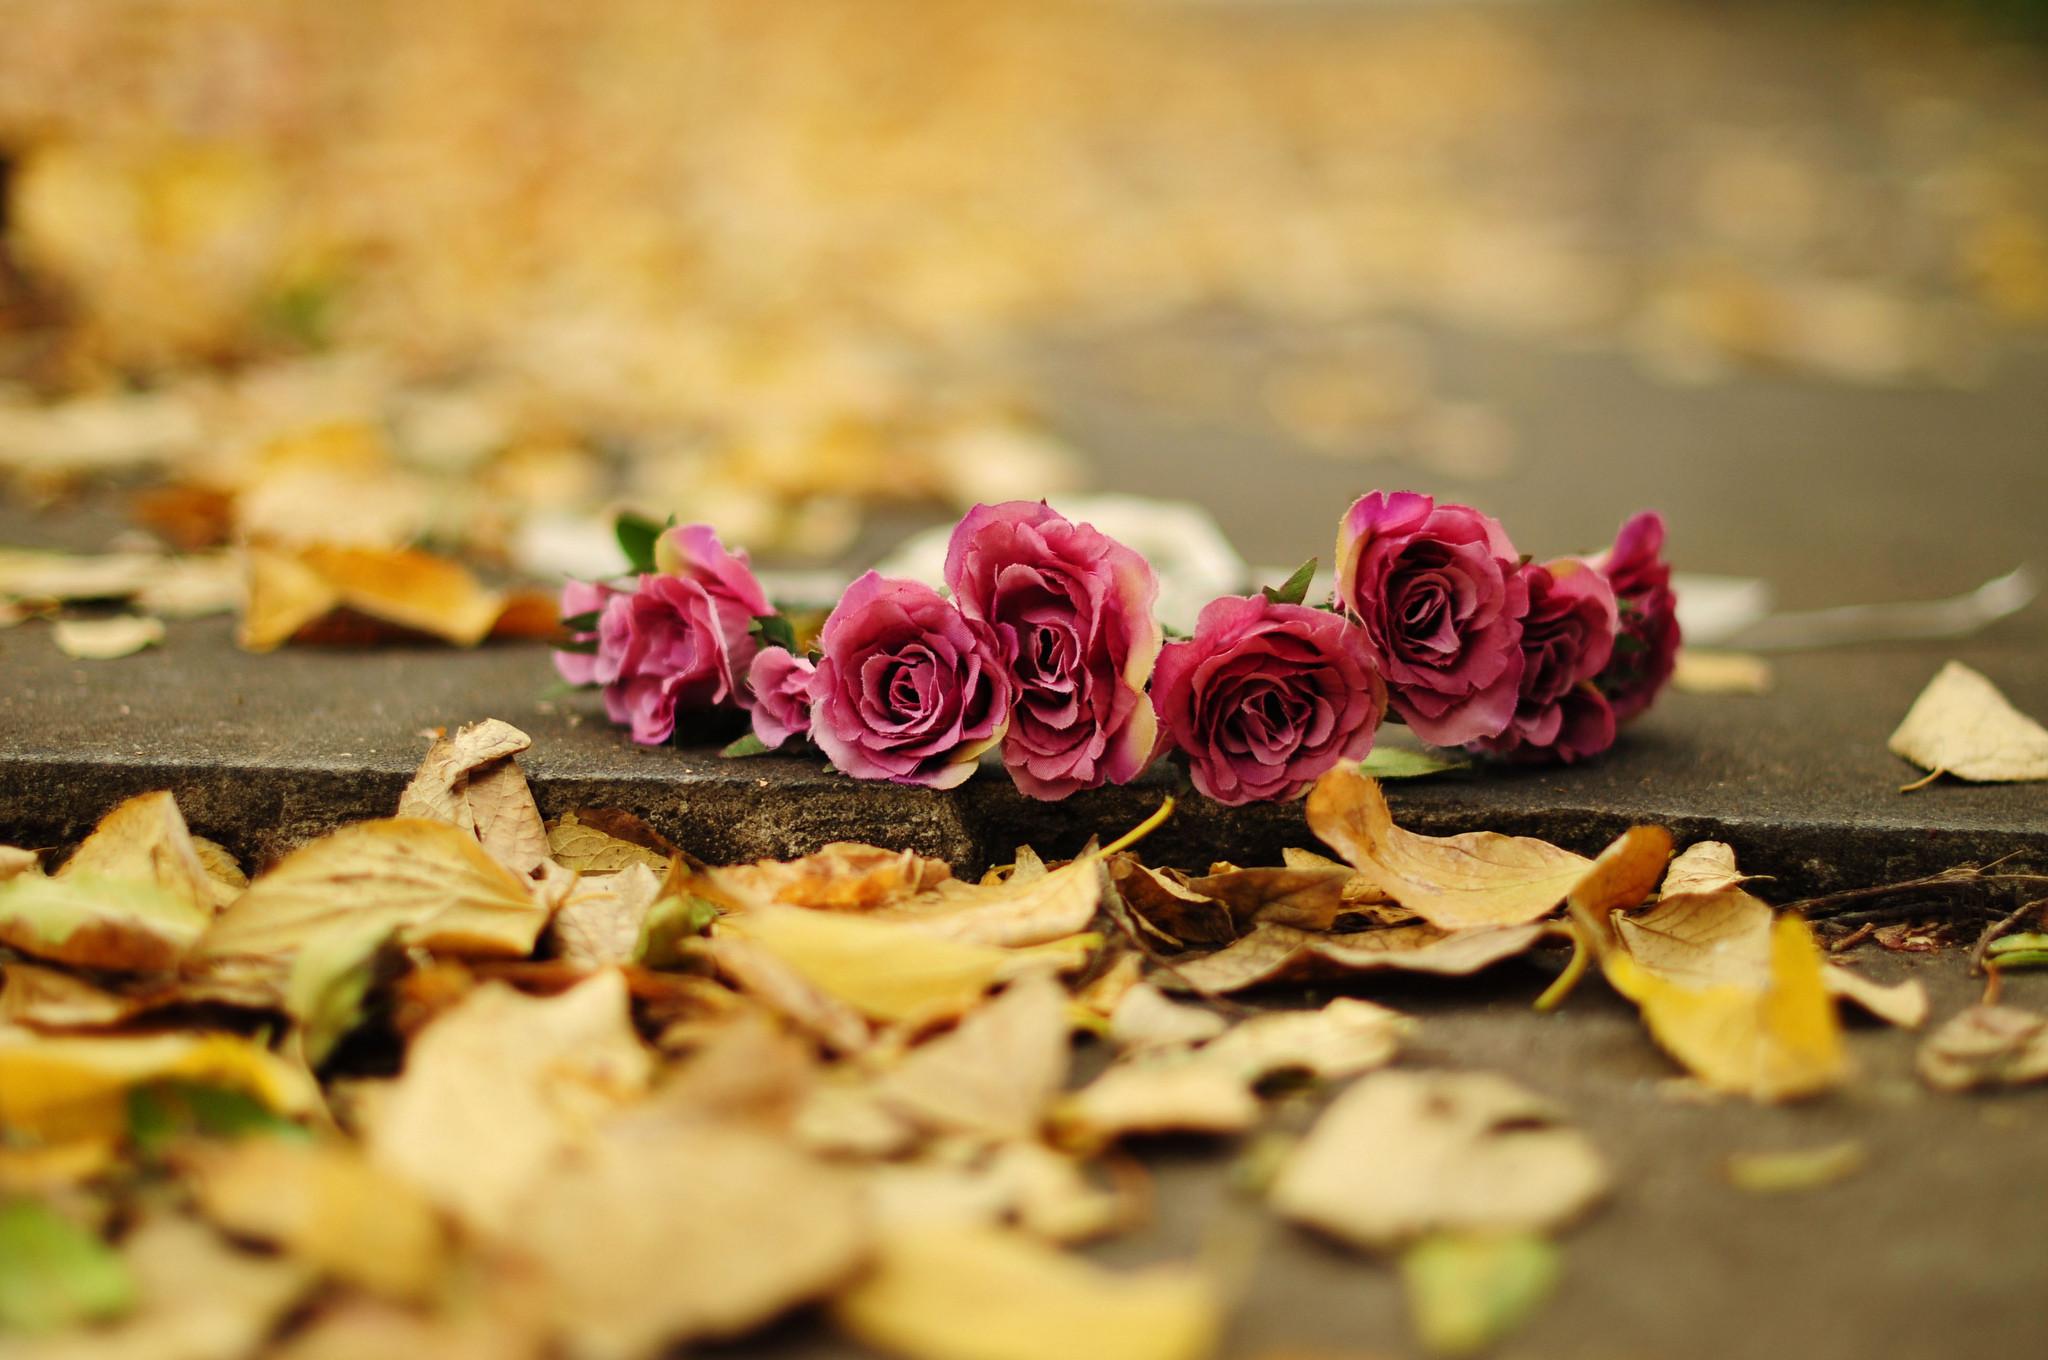 flower rose roses roses leaves yellow earth autumn bokeh wallpaper .